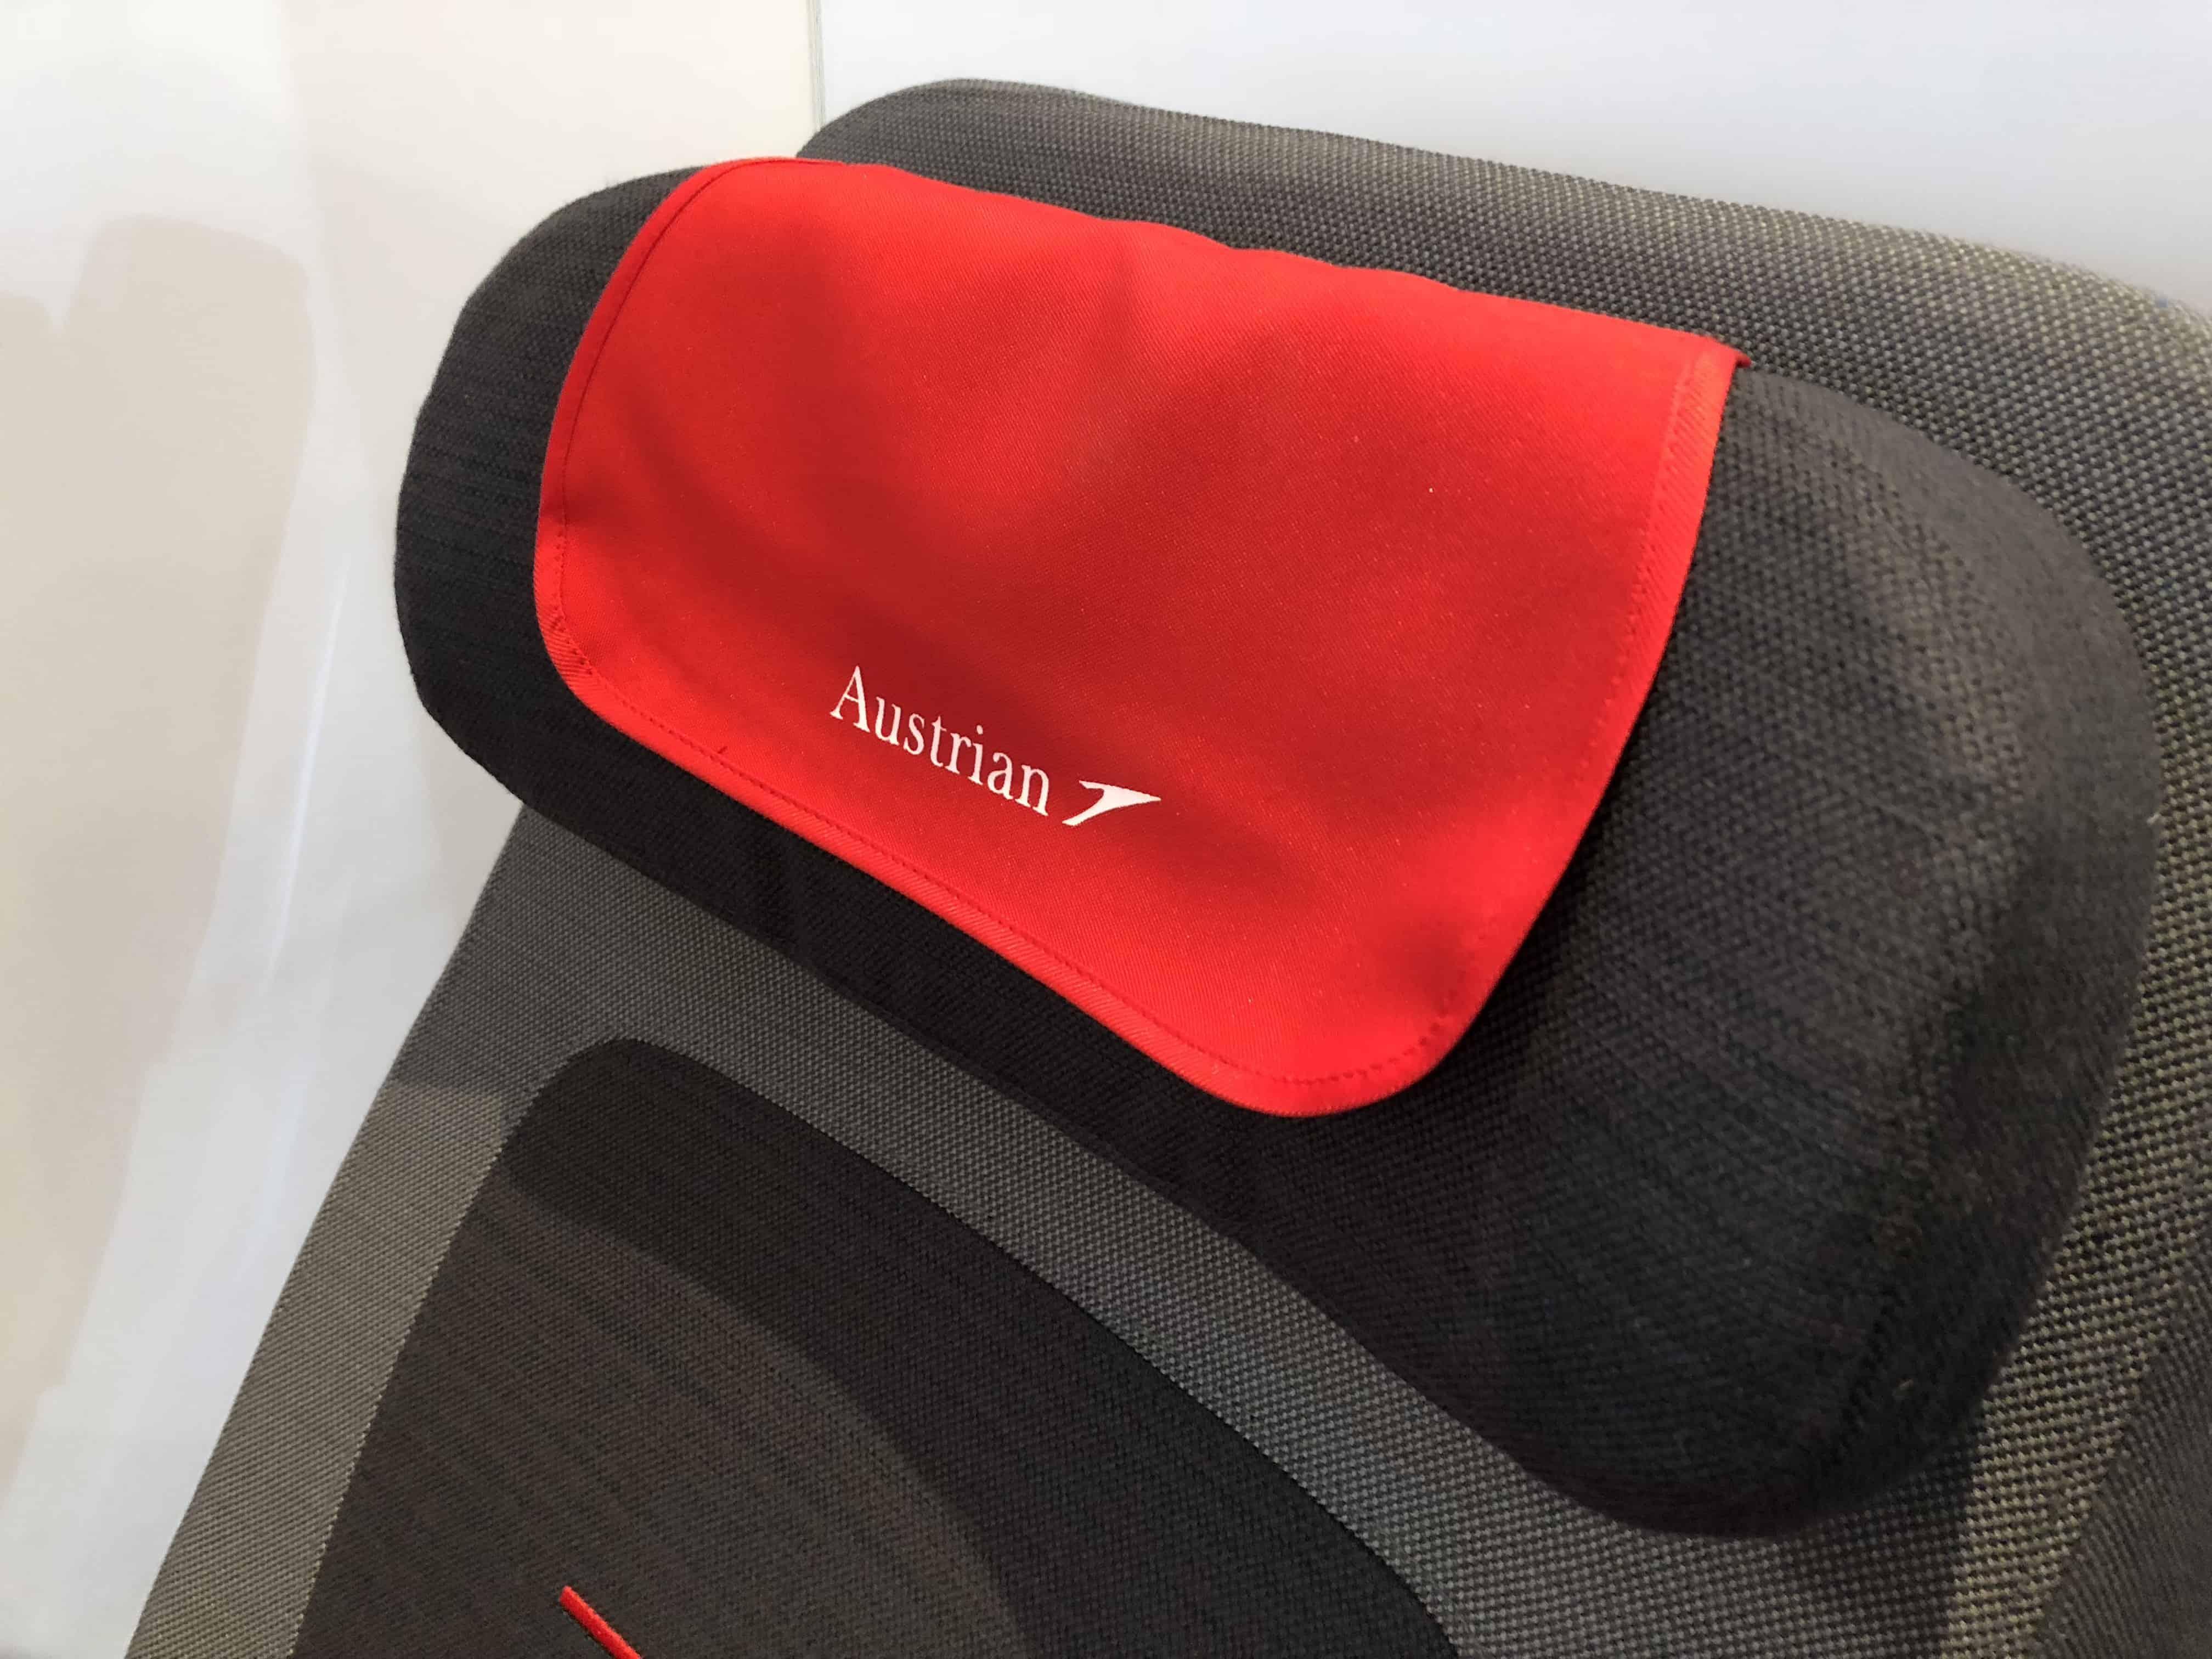 Austrian Airlines Premium Economy Kopfstütze